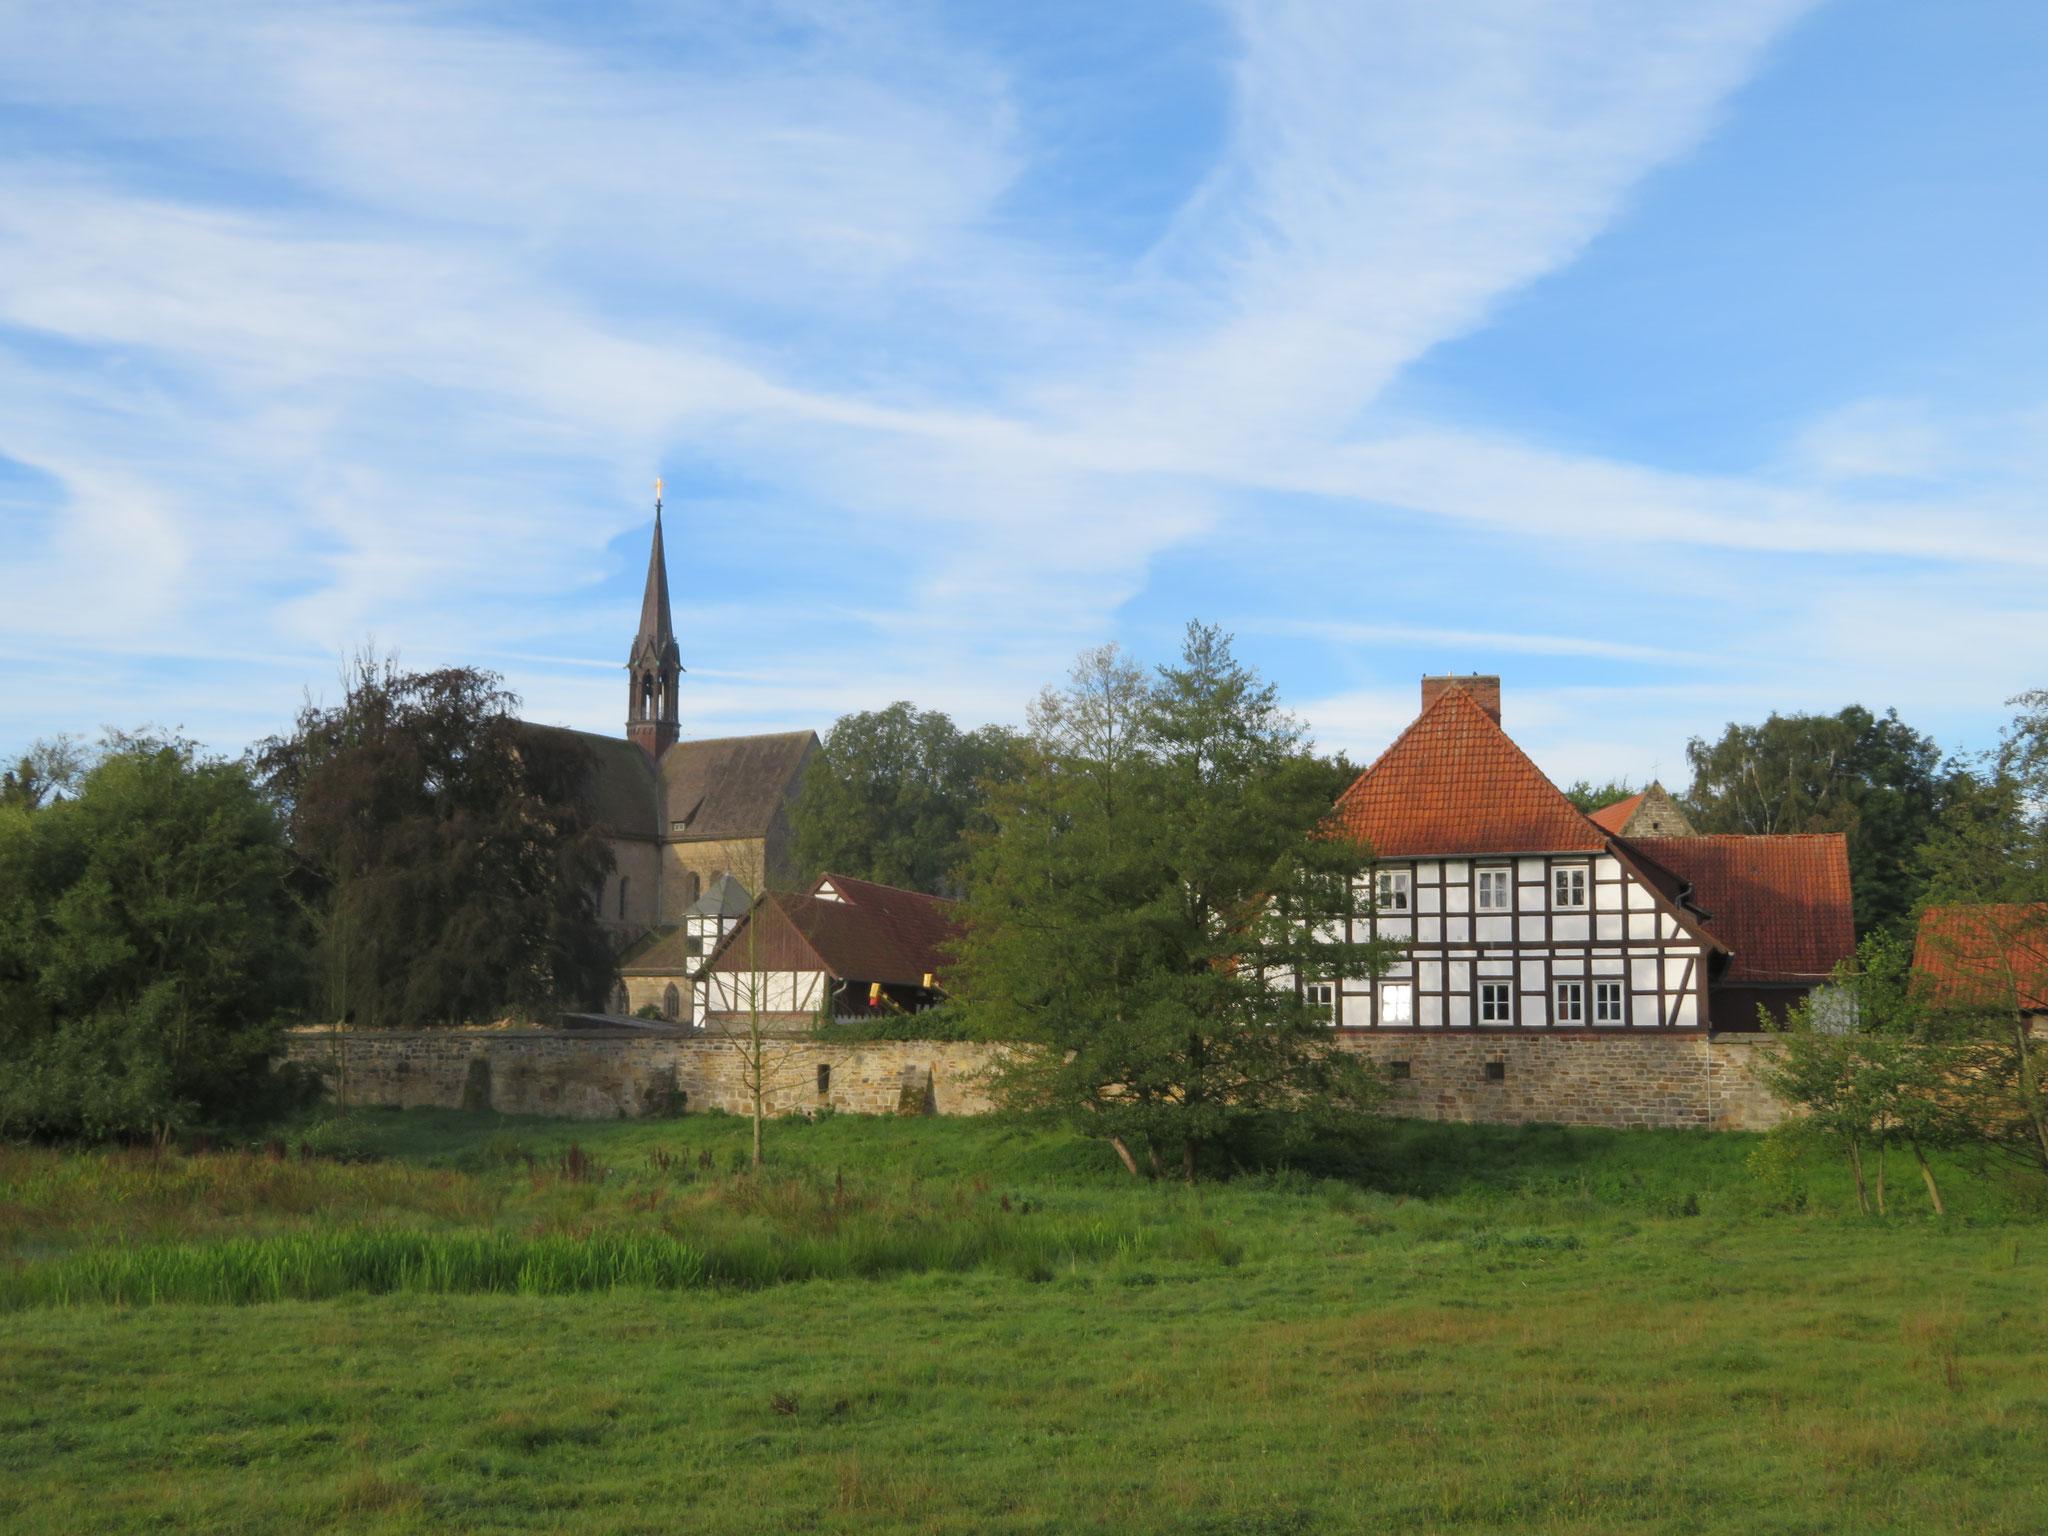 ehemaliges Kloster Loccum